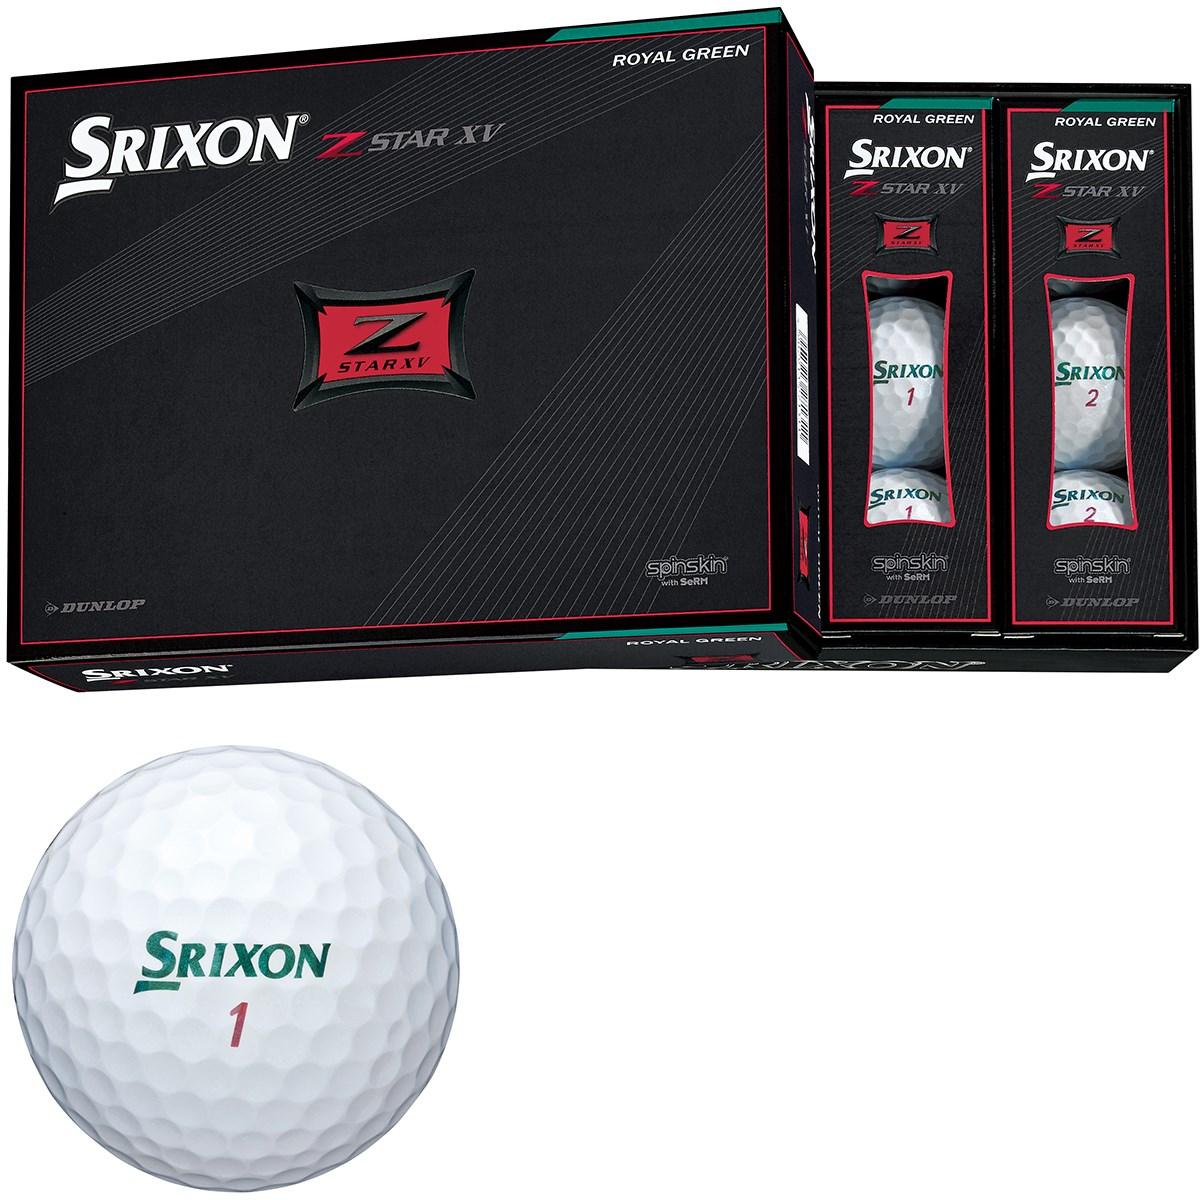 ダンロップ SRIXON Z-STAR XV ボール 1ダース(12個入り) ロイヤルグリーン